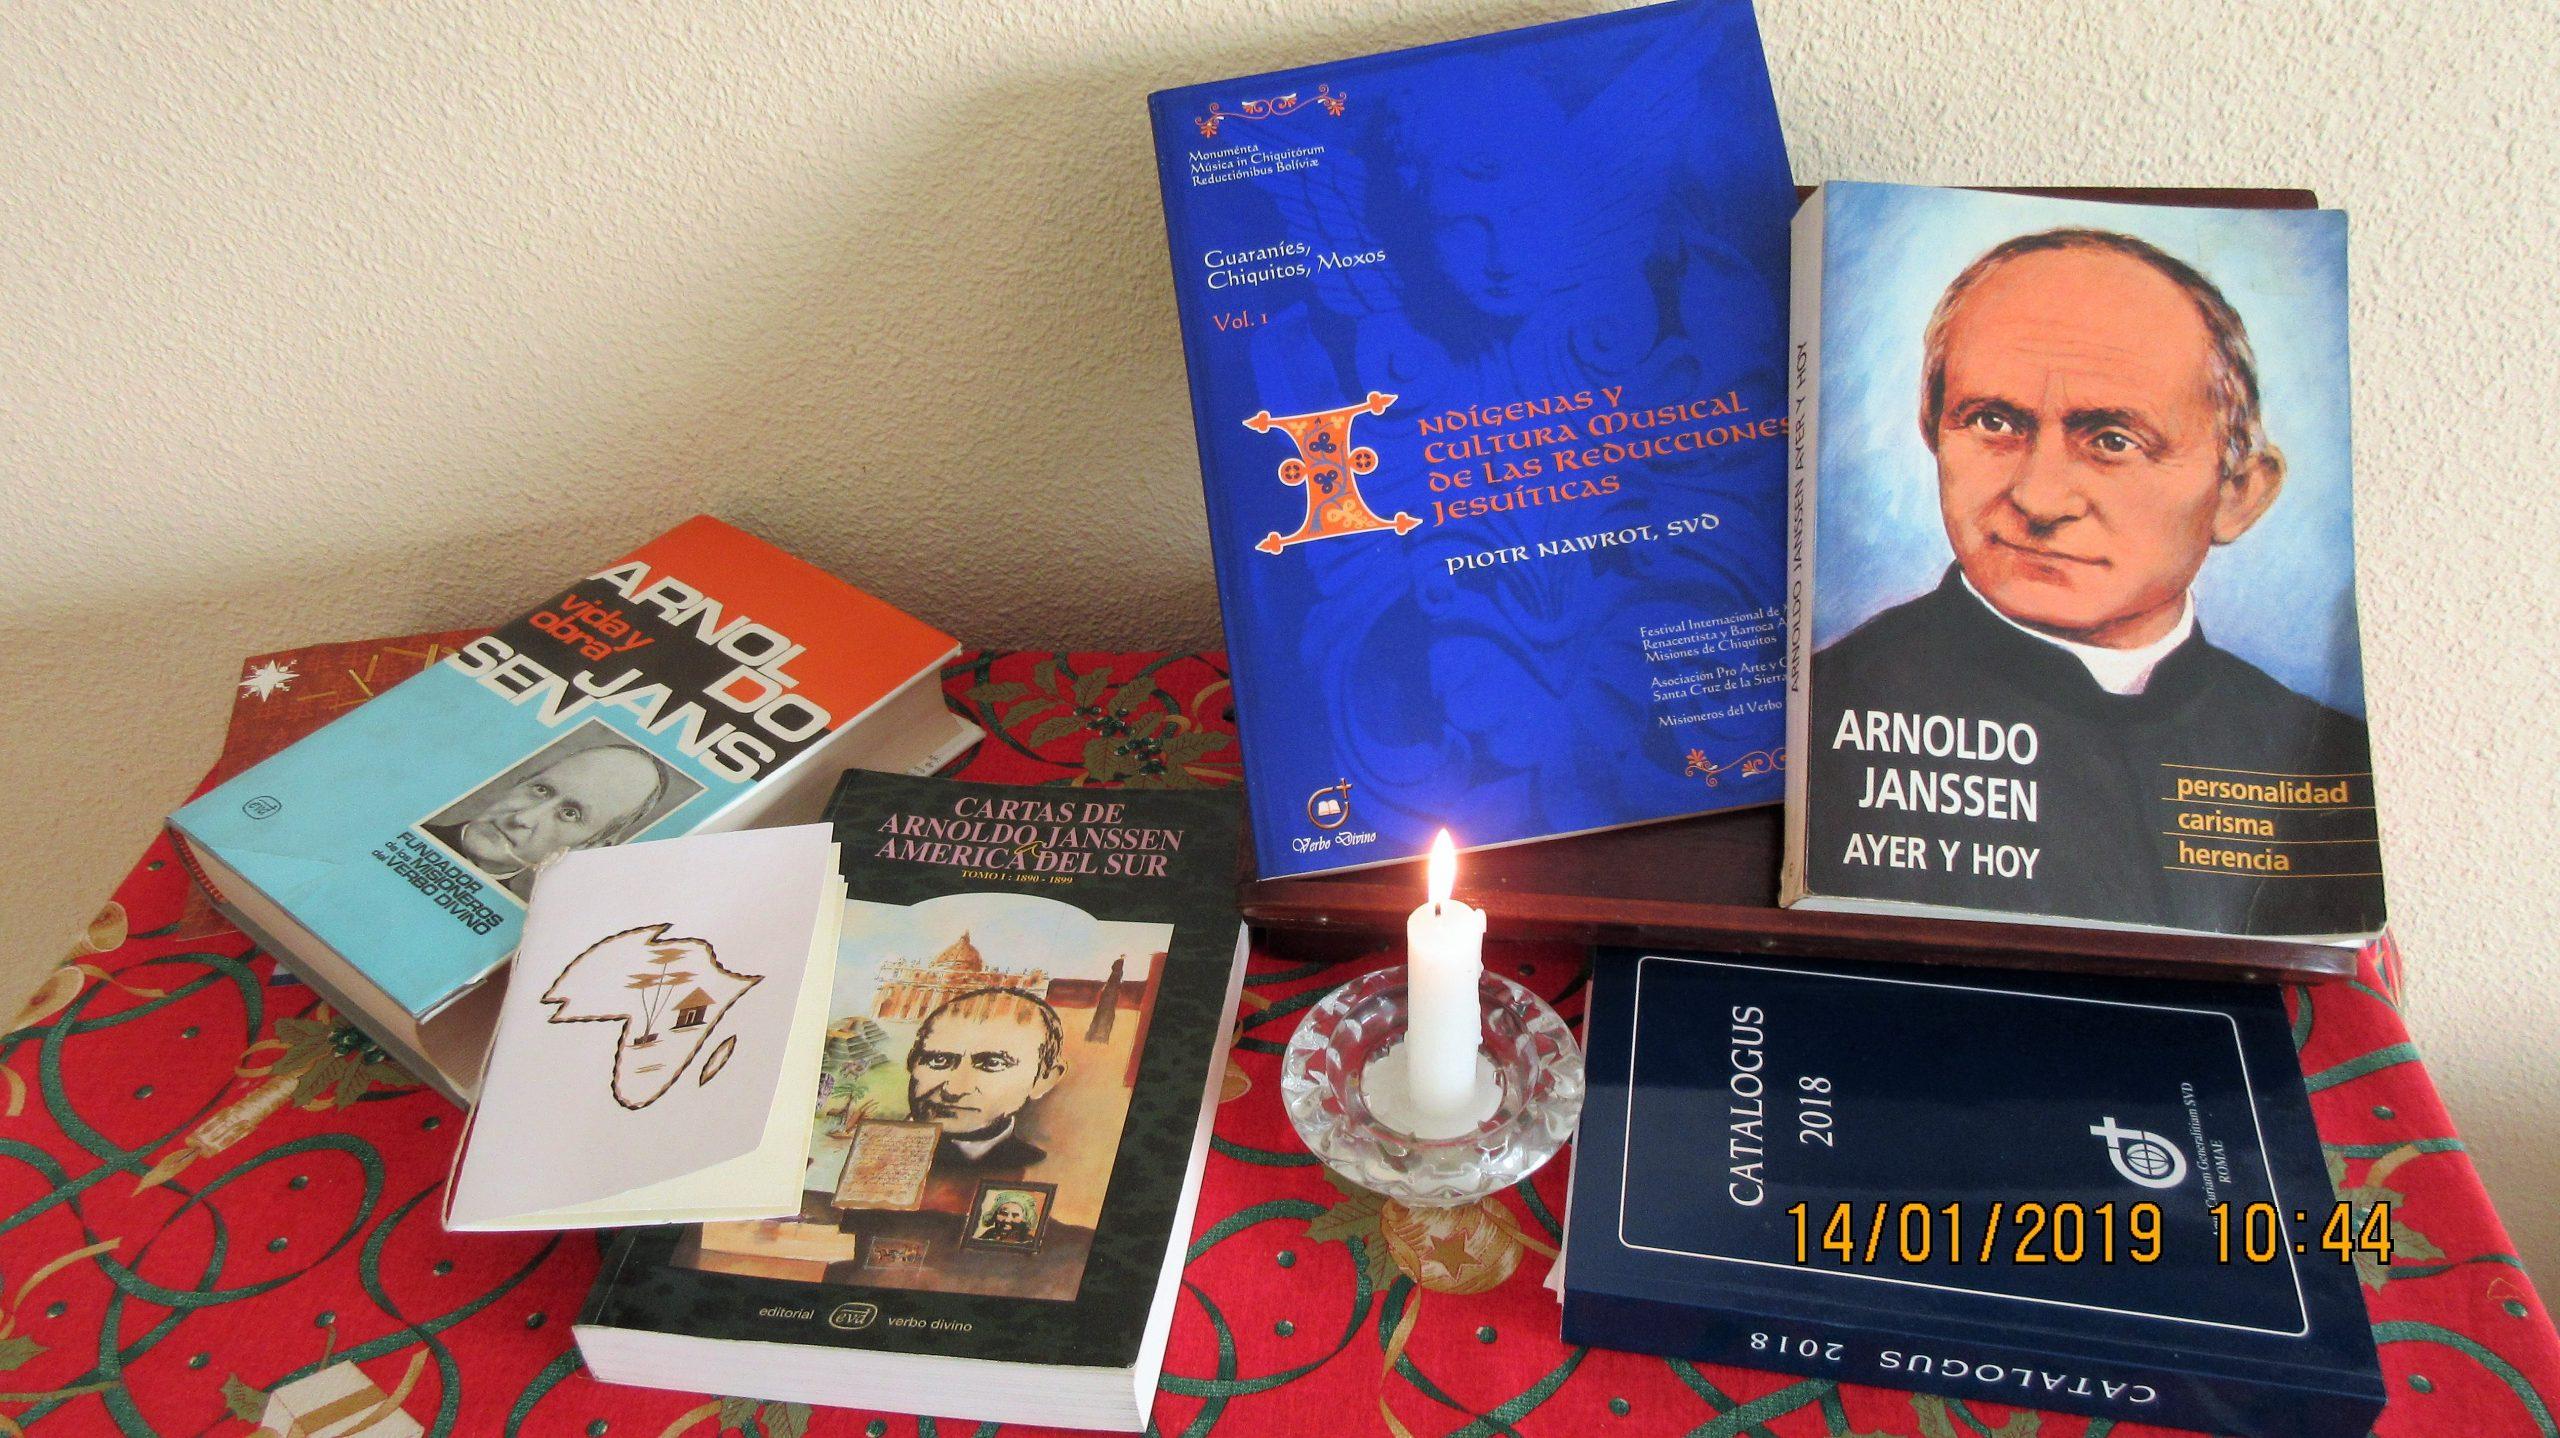 Arnoldo Janssen, según Karl Bude SVD de Silesia